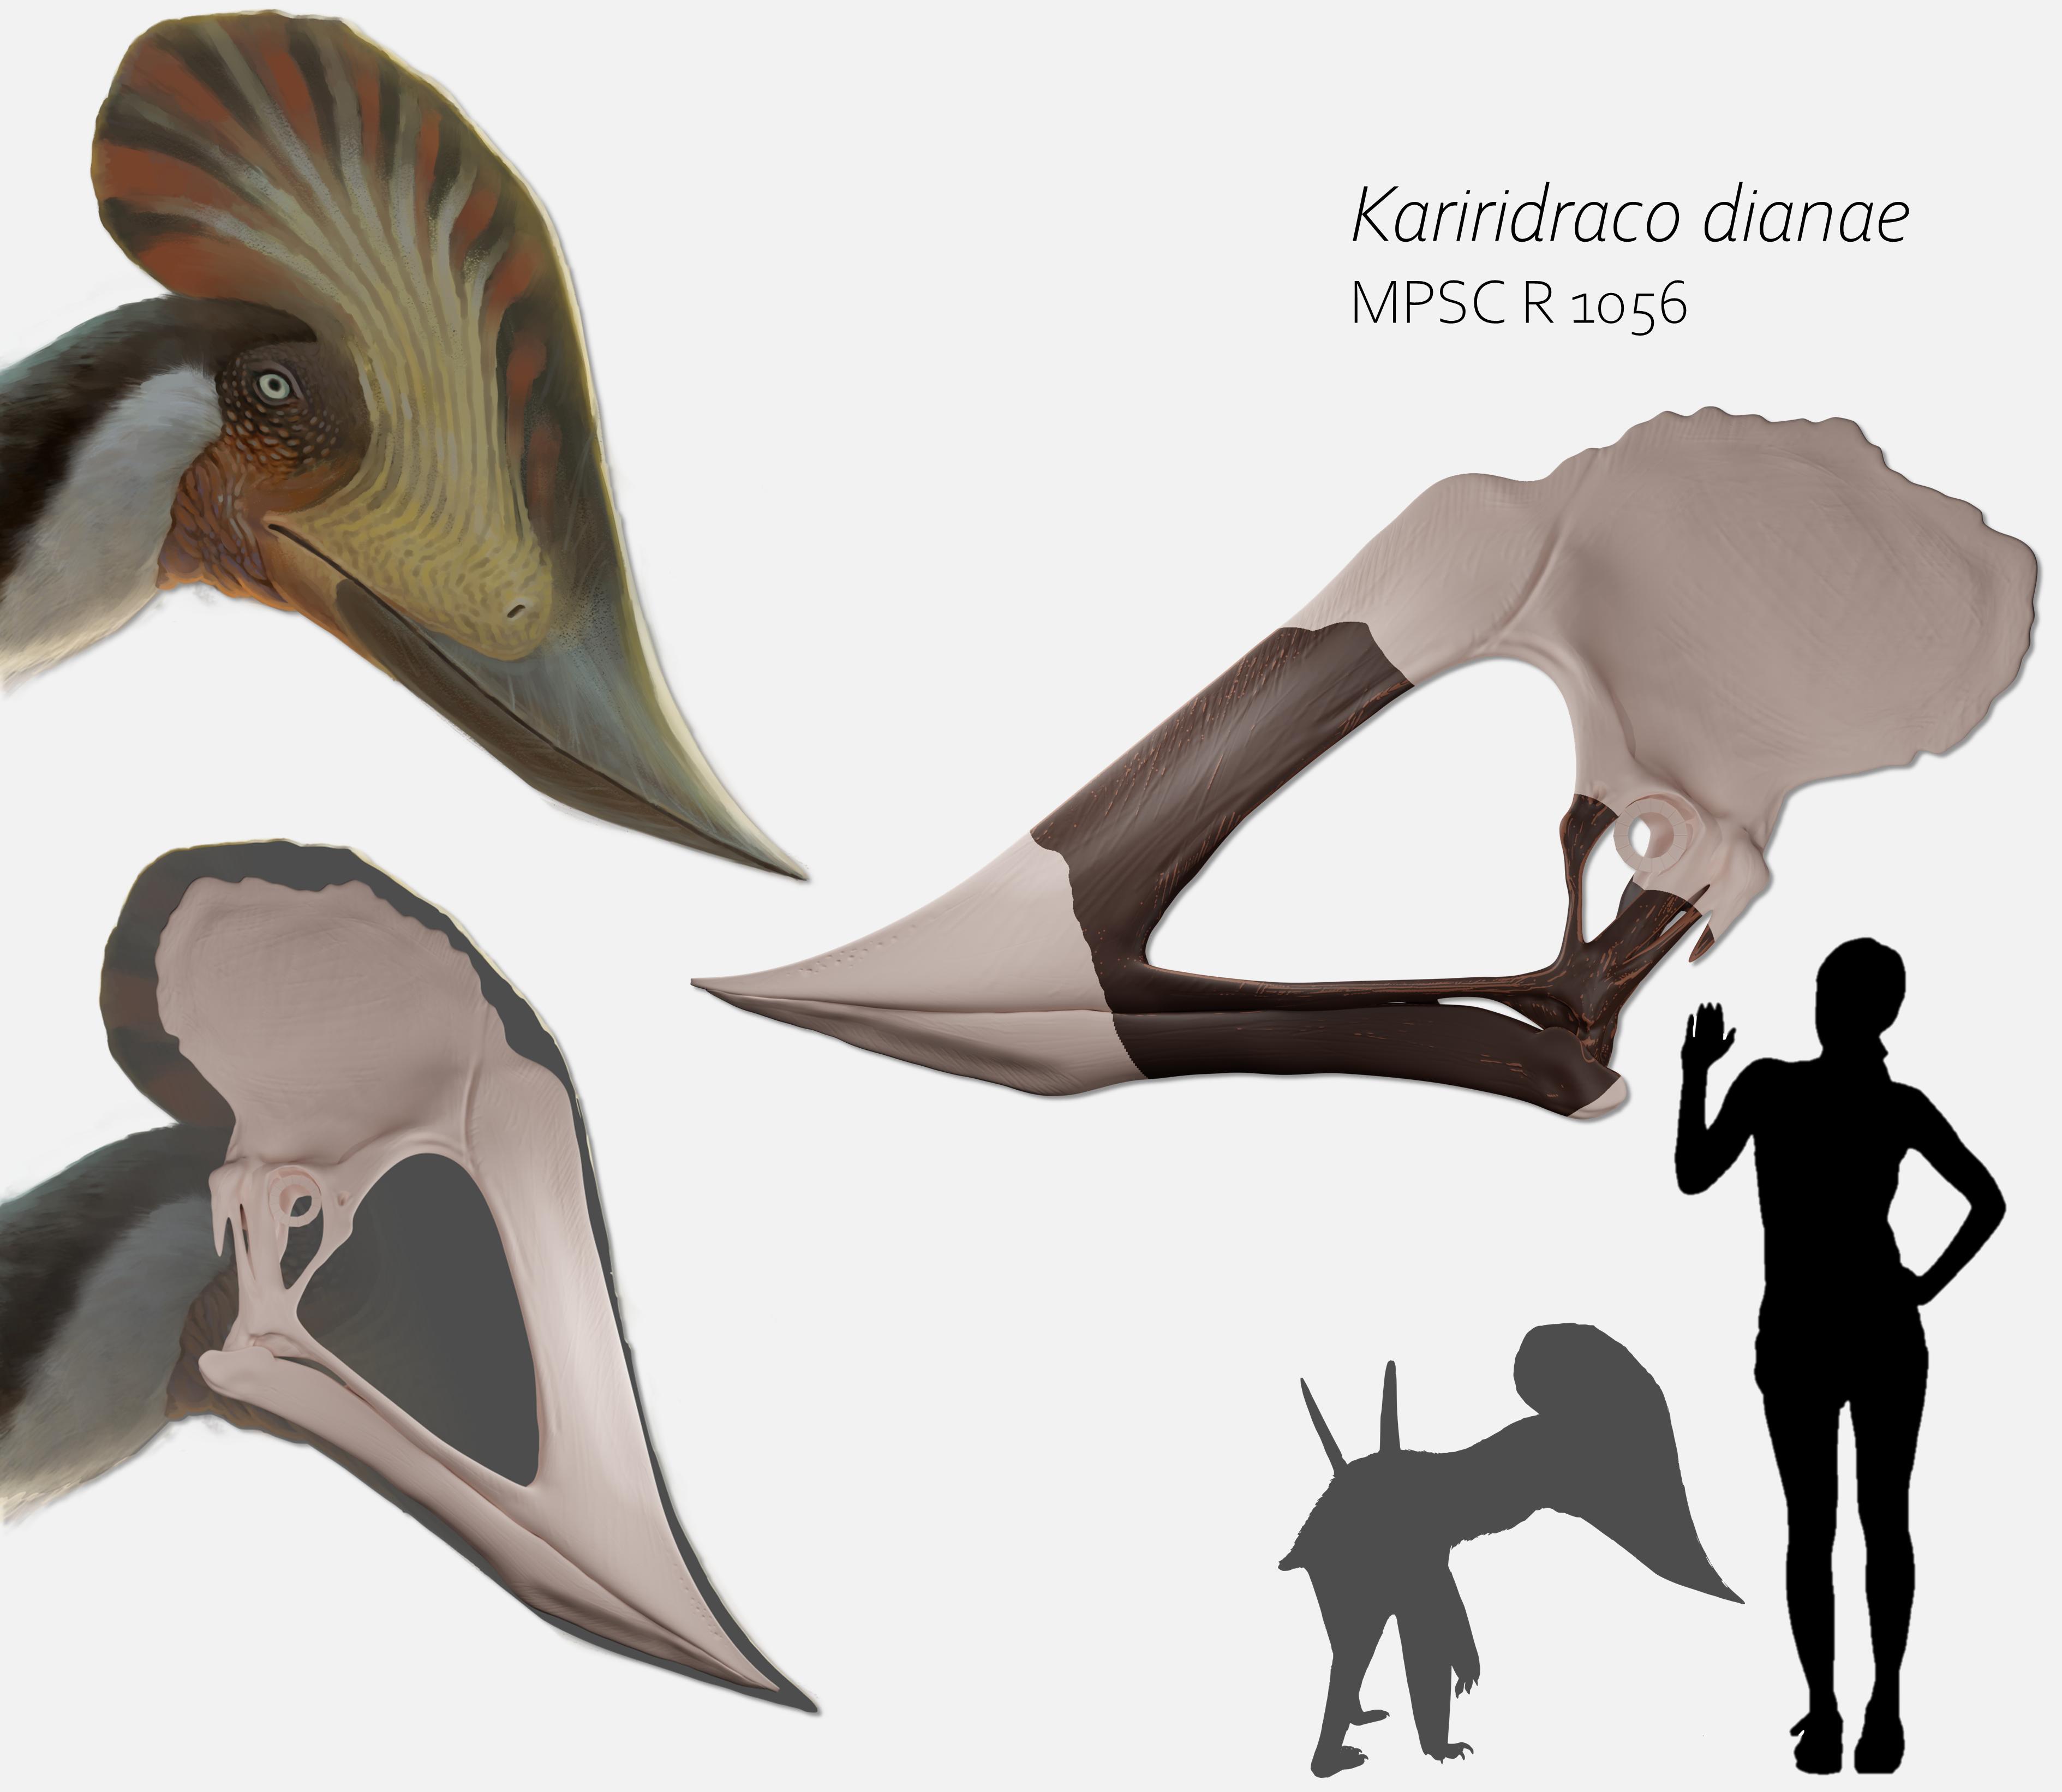 detalhes anatômicos do crânio com crista do kariridraco e comparação de tamanho com uma pessoa, tendo metade da altura